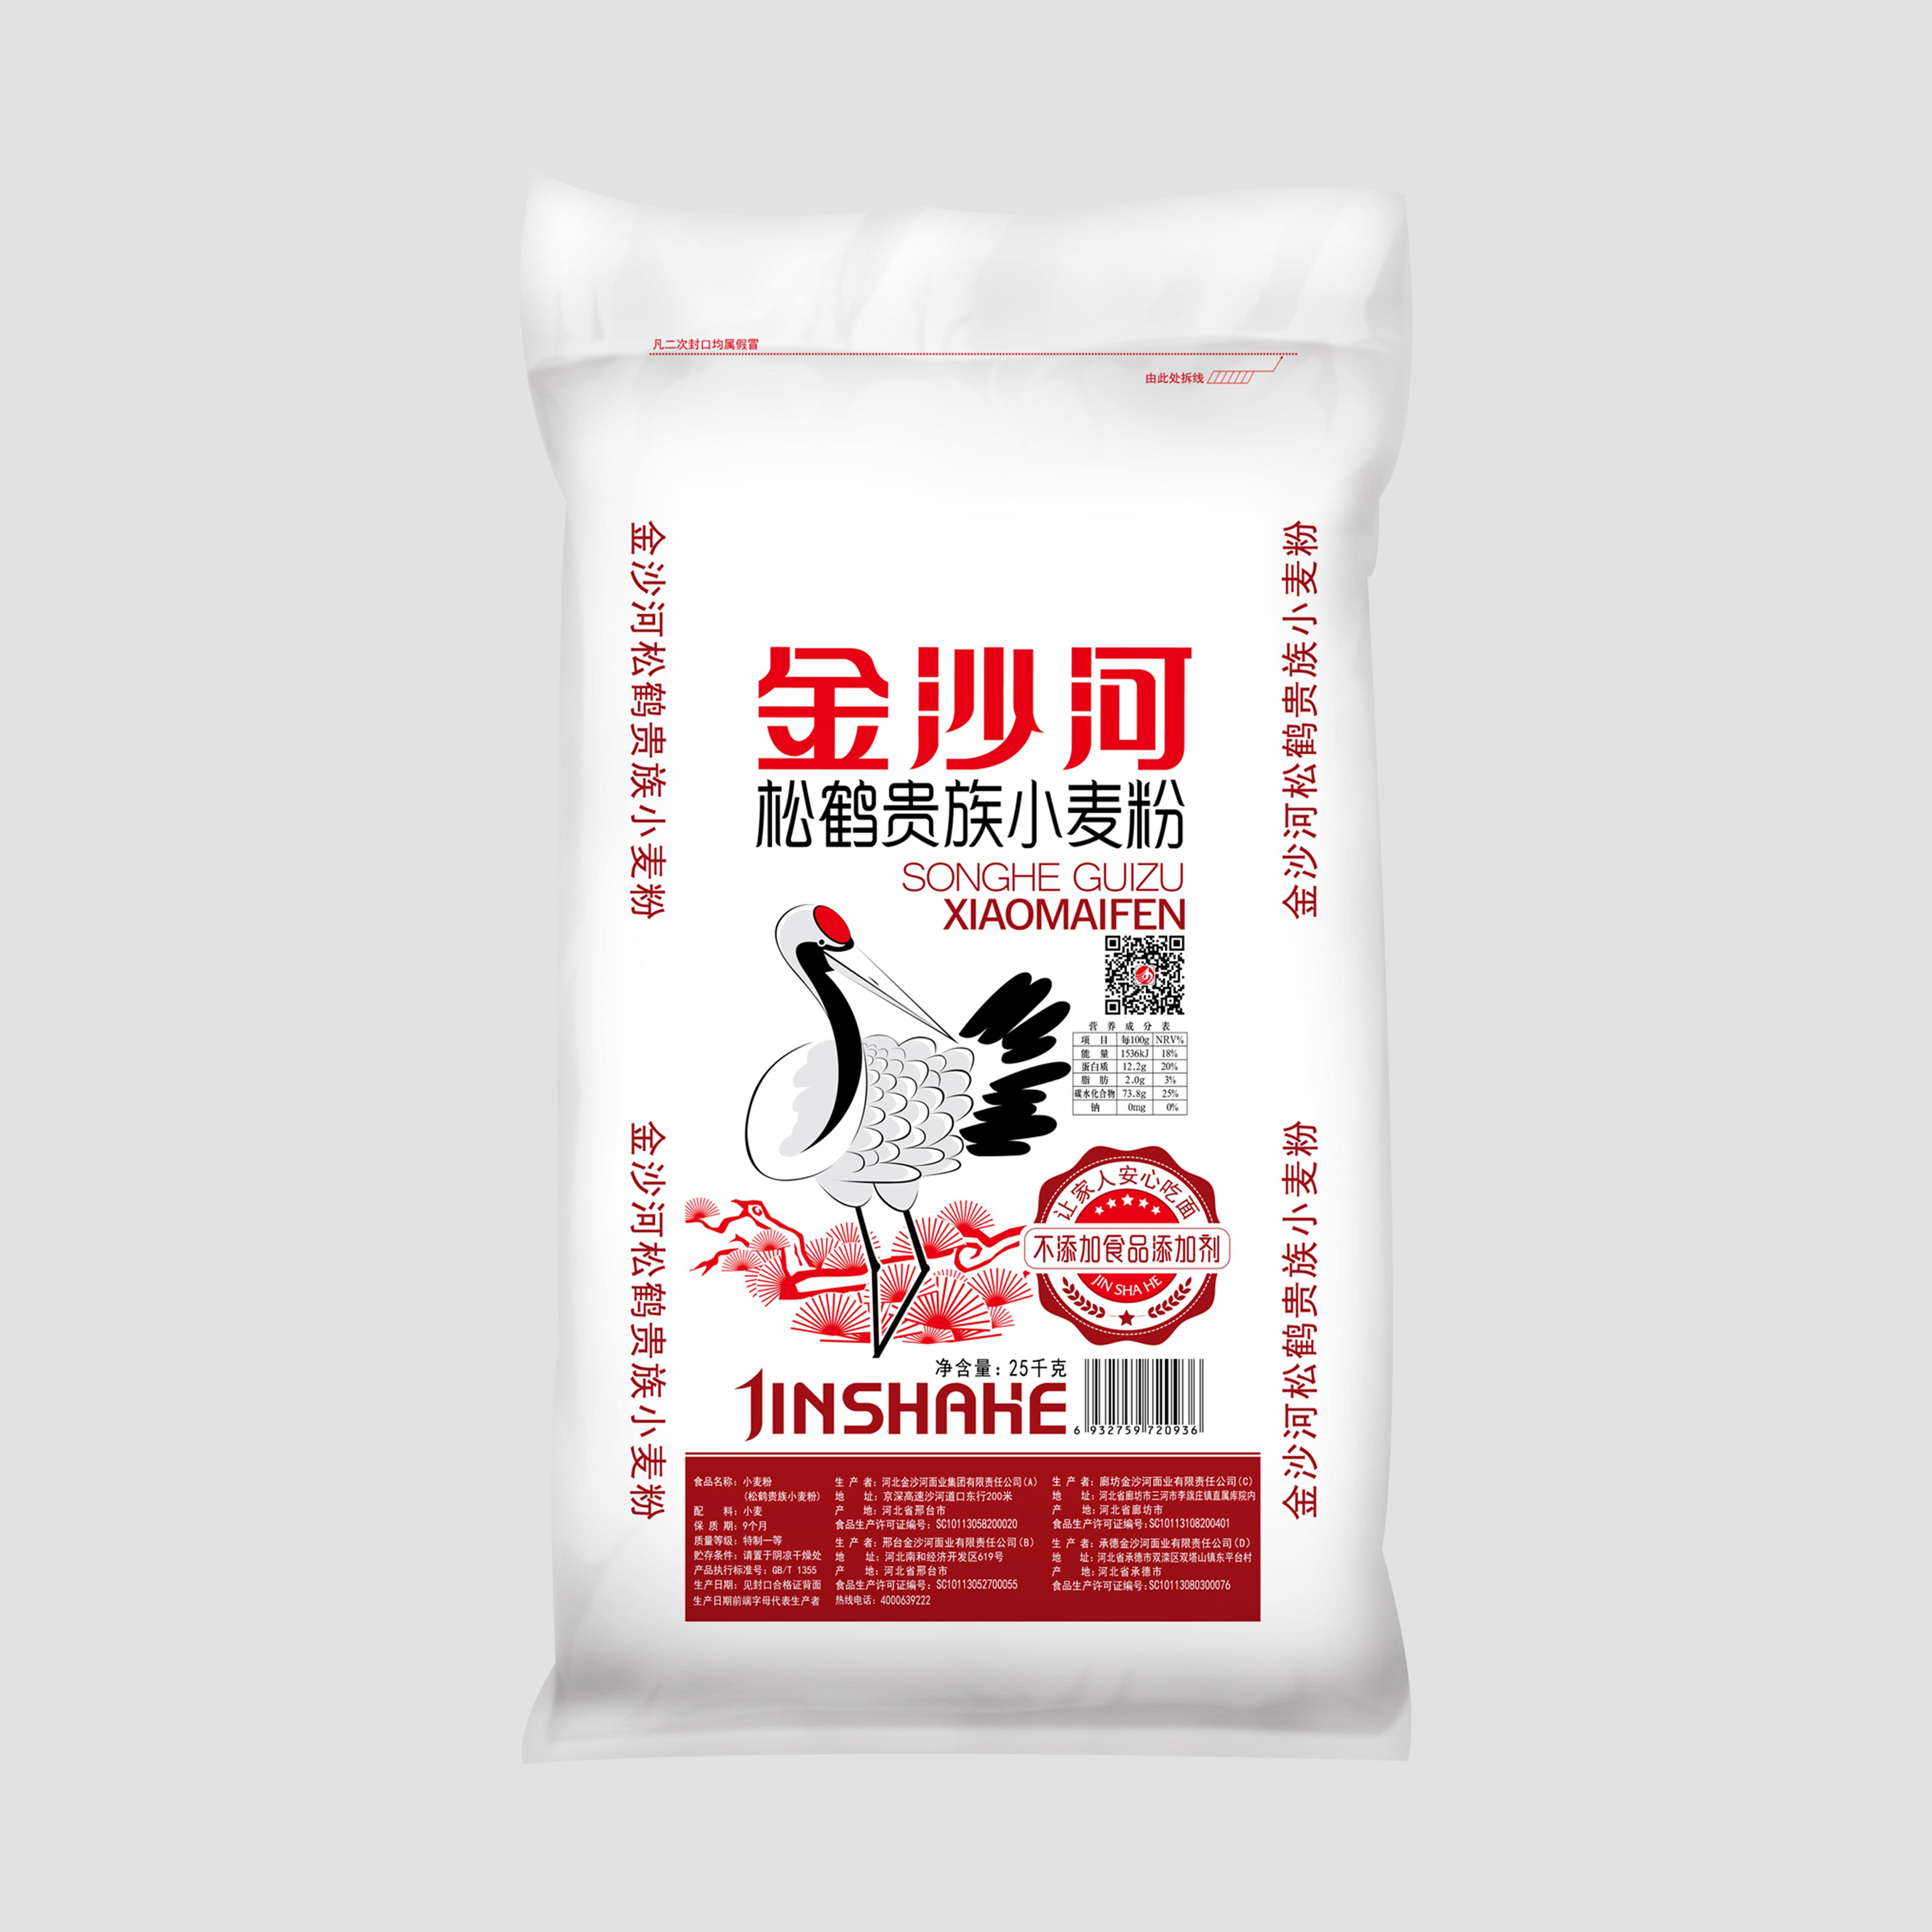 松鹤贵族小麦粉 (5)